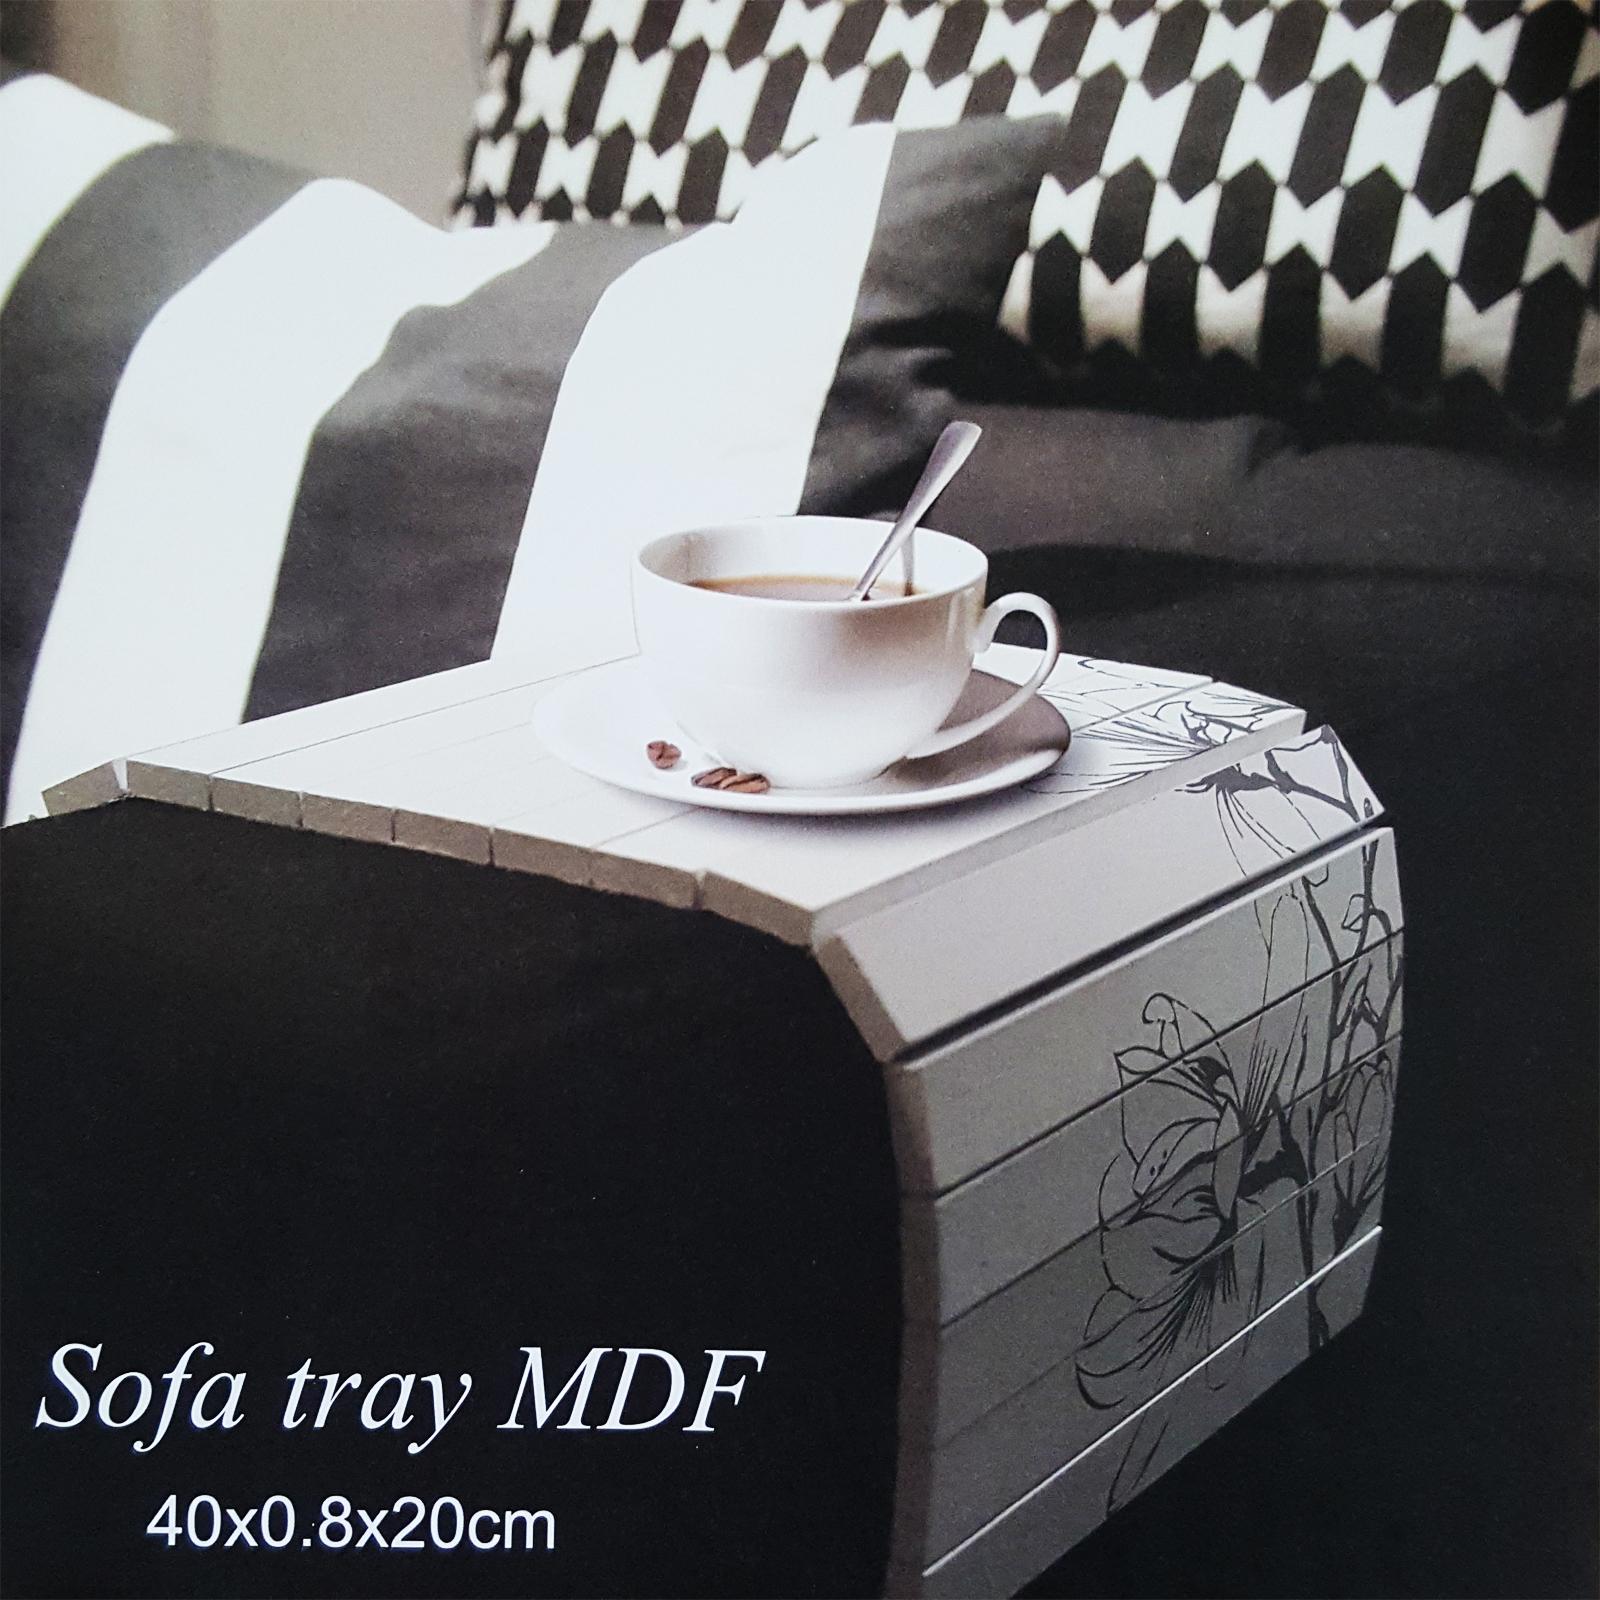 sofatablett mdf flexablage tablett ablage armlehnen sofa couch ablage ebay. Black Bedroom Furniture Sets. Home Design Ideas